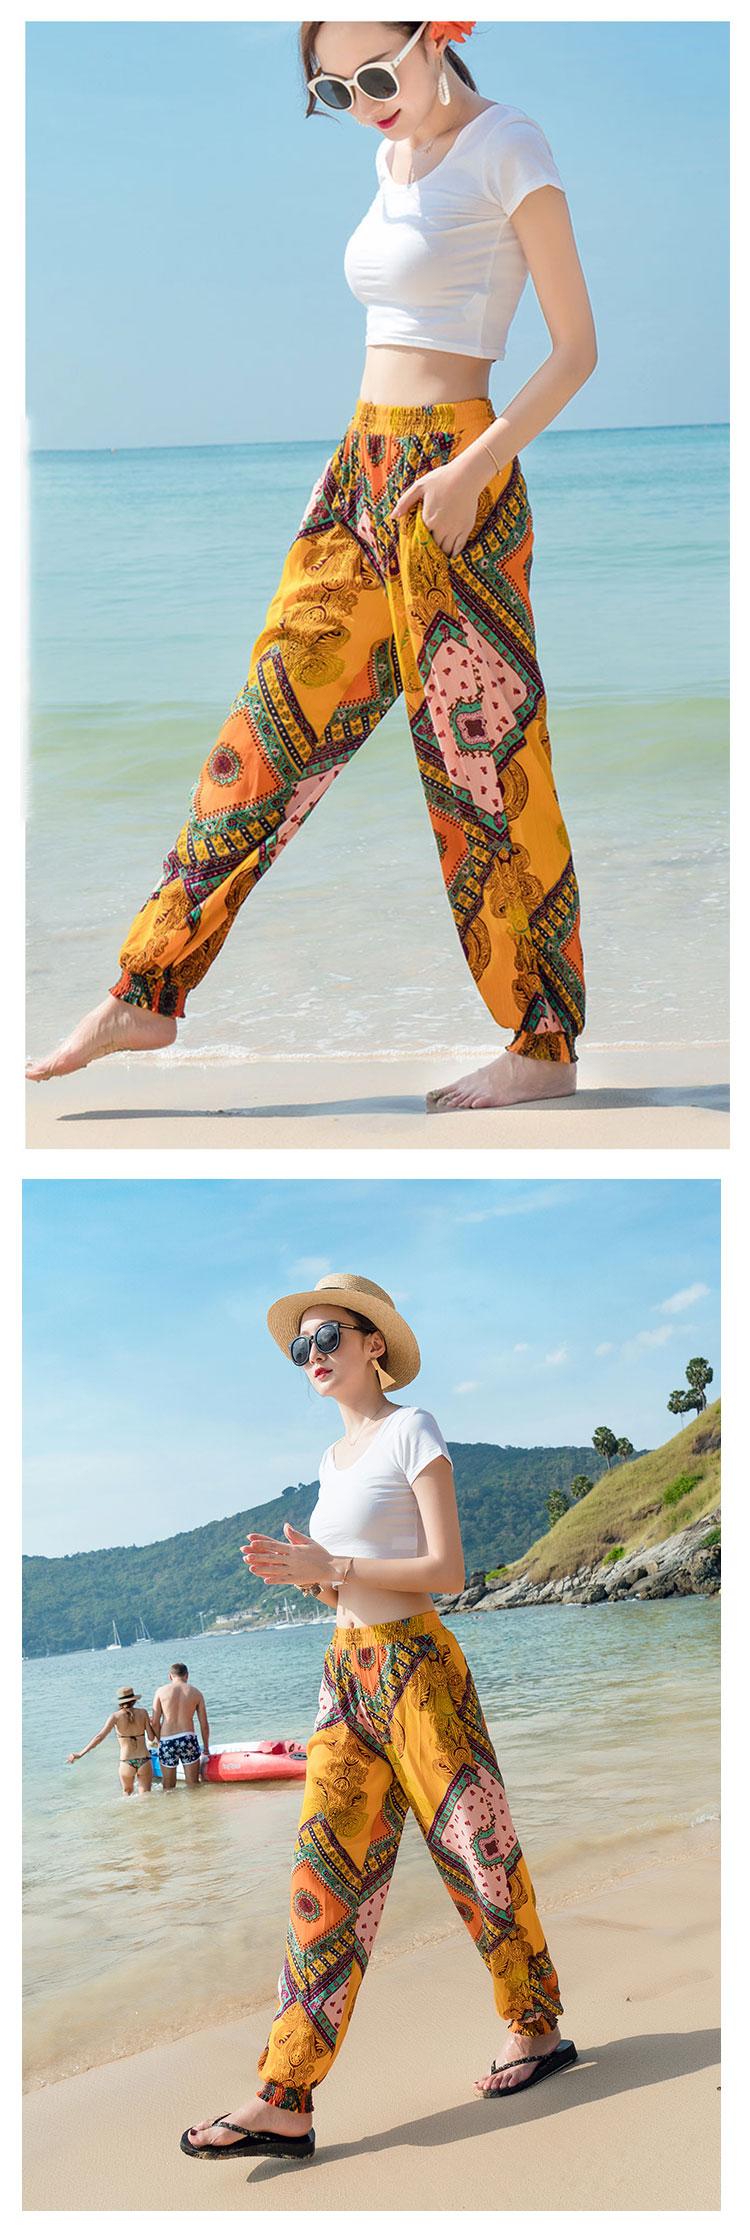 跨境-泰国-沙滩裤